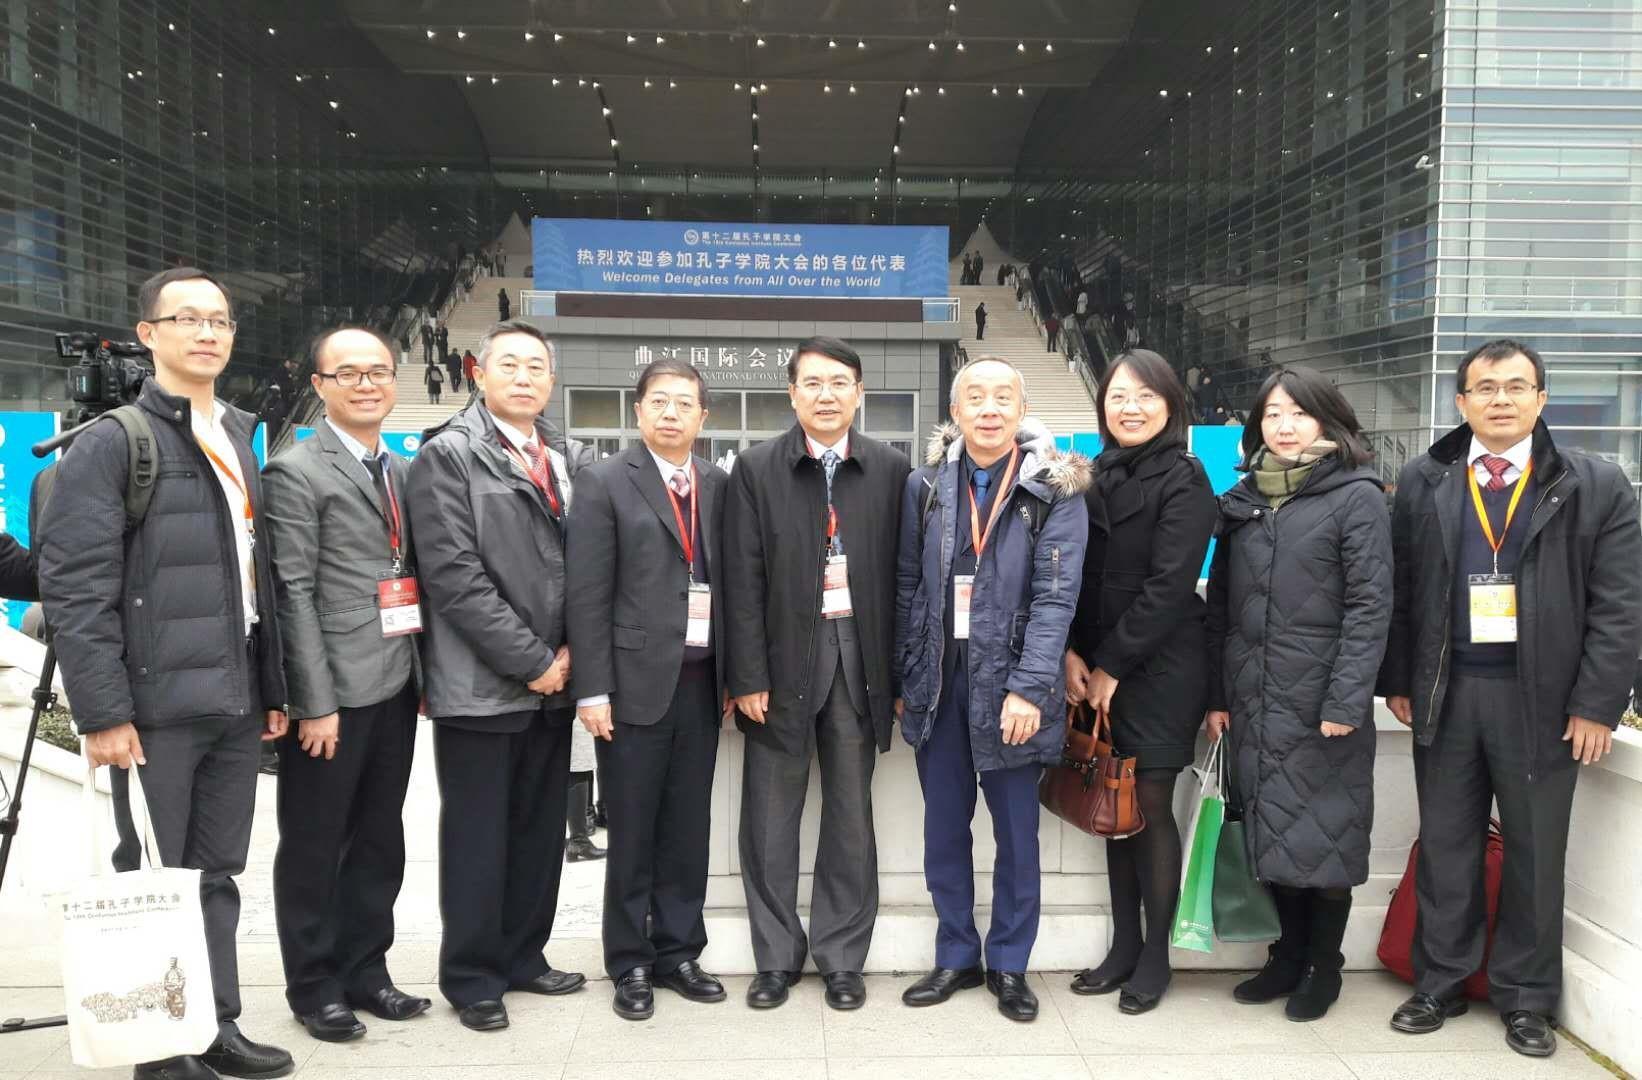 校领导率团参加第十二届孔子学院大会